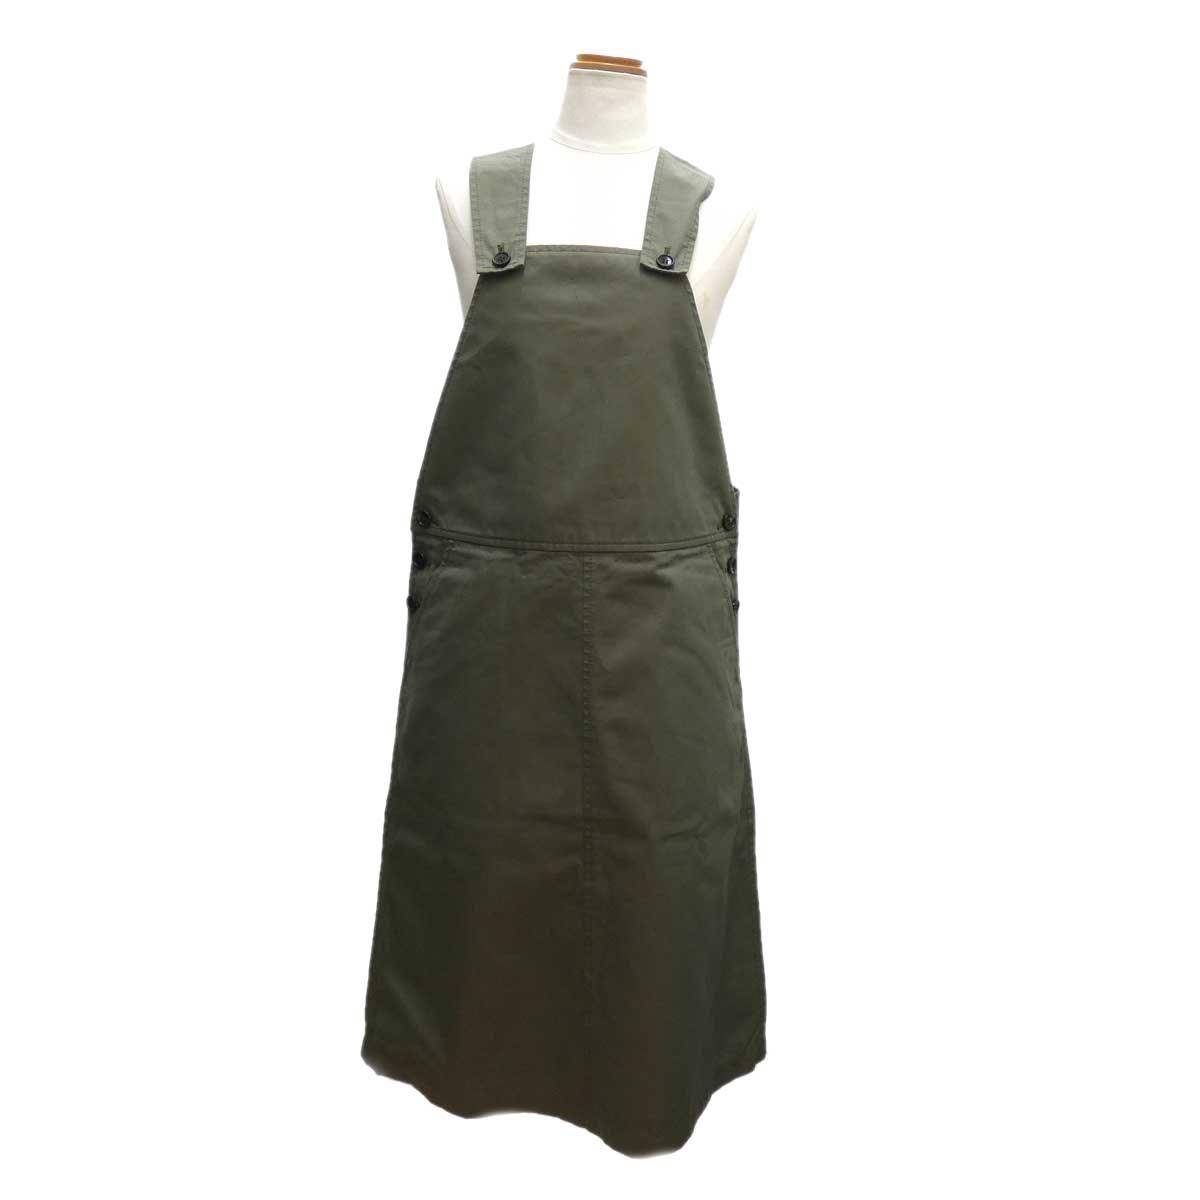 【中古】COMME des GARCONS GIRL ジャンパースカート オリーブ サイズ:S 【130420】(コムデギャルソンガール)